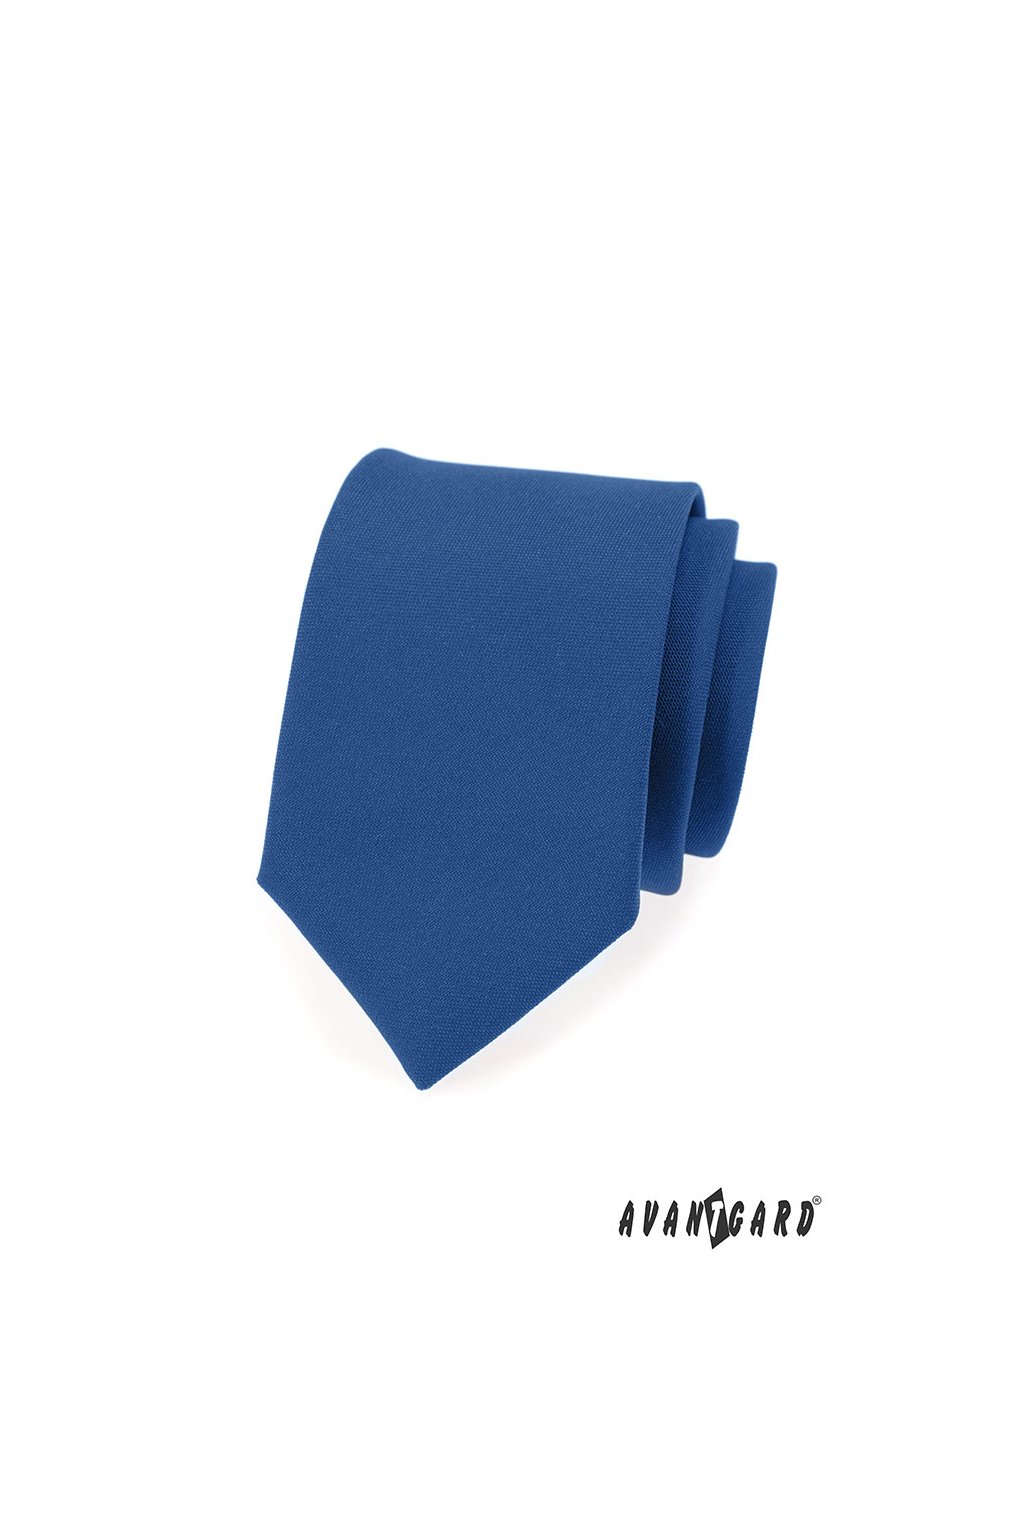 Modrá luxusní kravata mat 561 - 9837